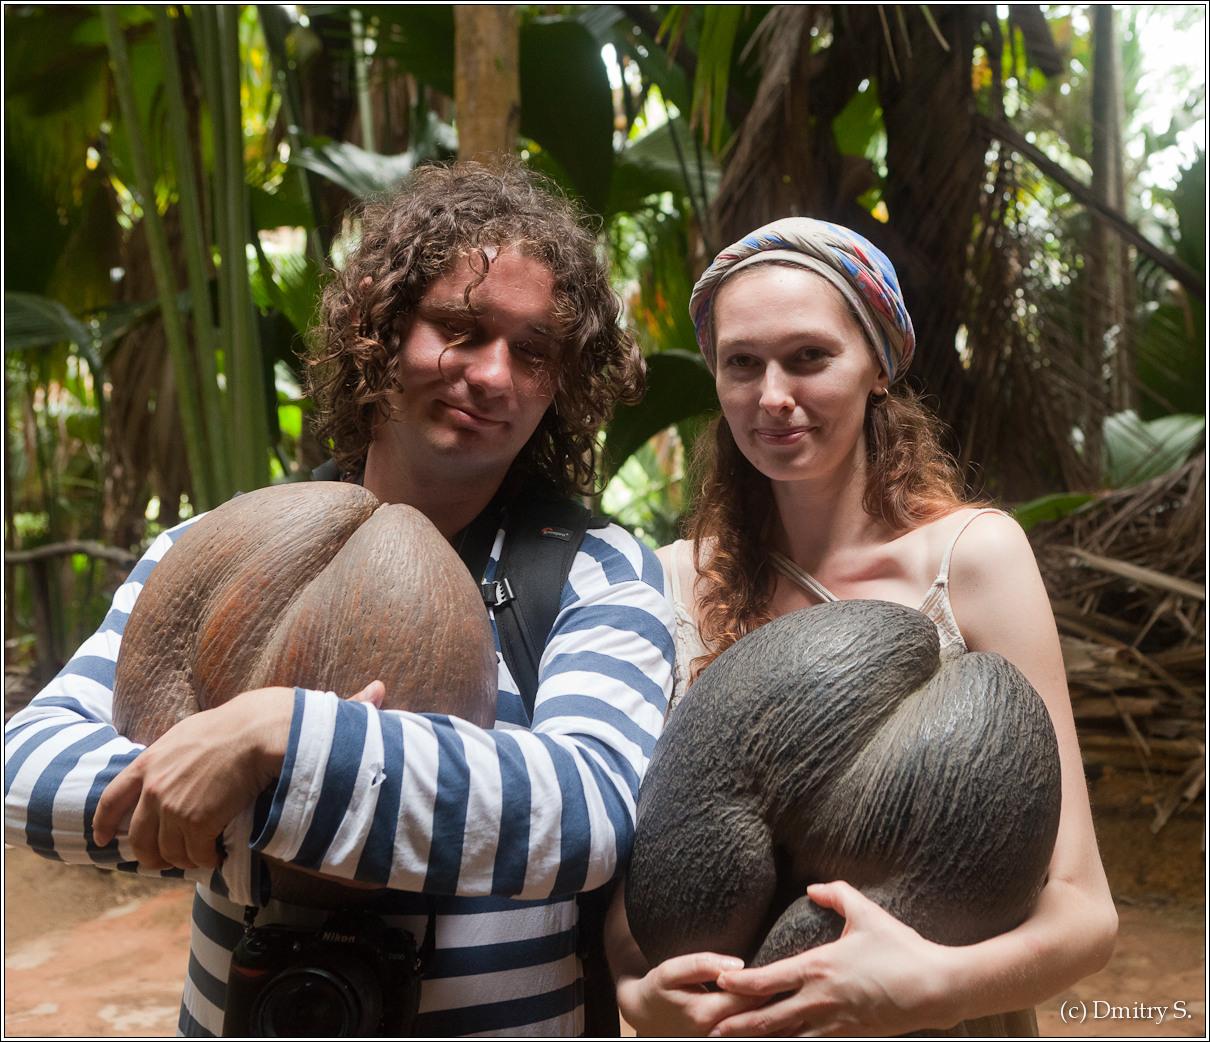 2011-01-05 15-18-13_Seychelles_DS_00193_2star.jpg